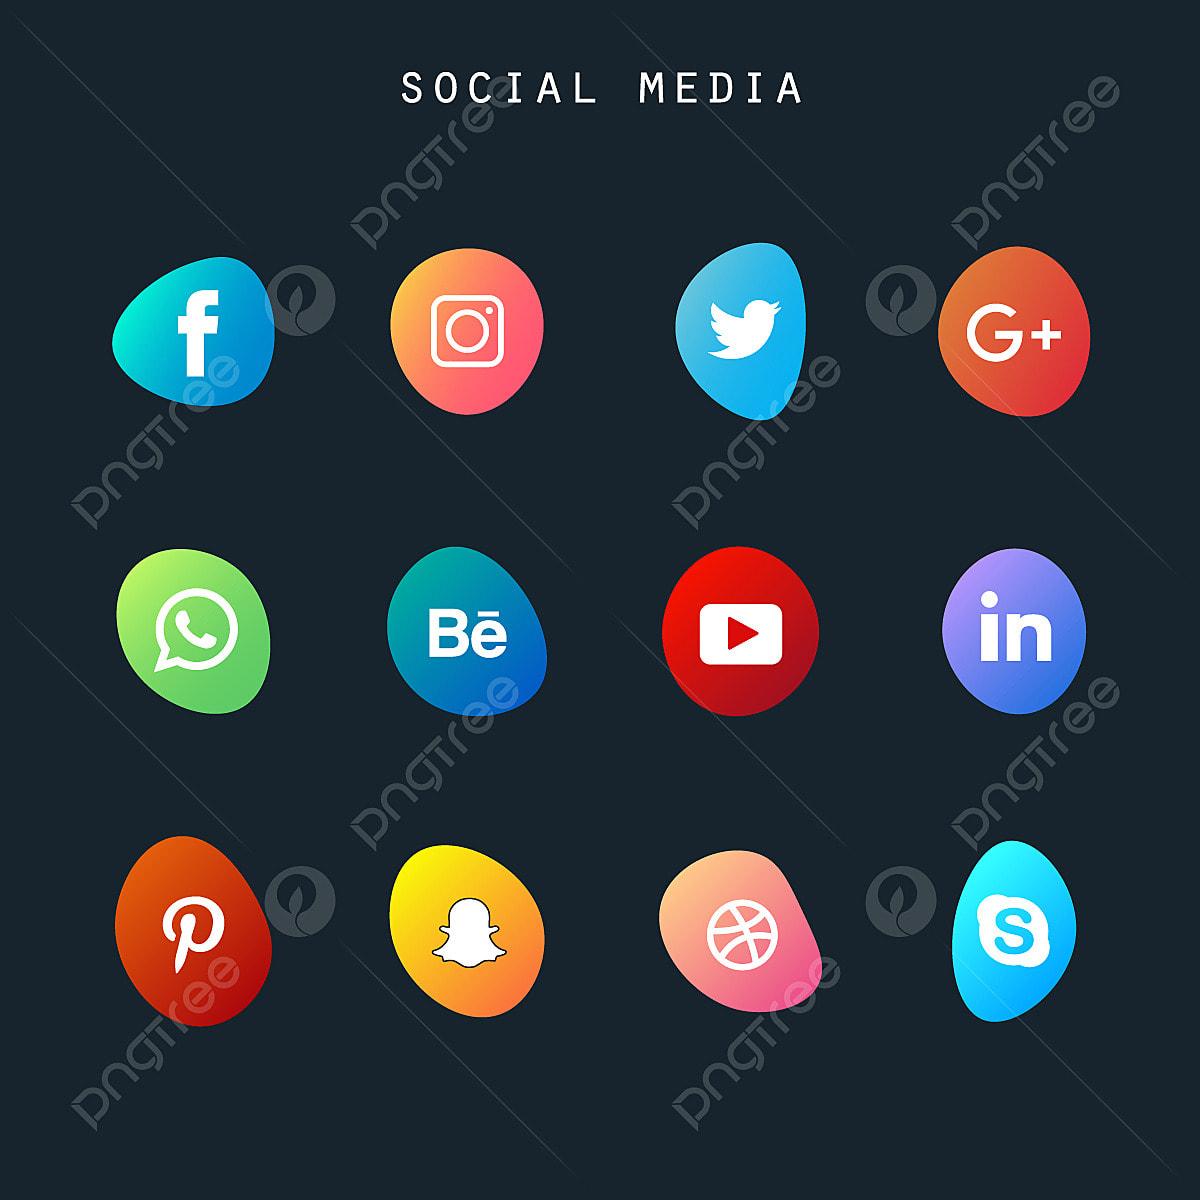 ايقونات التواصل الاجتماعي Png المتجهات Psd قصاصة فنية تحميل مجاني Pngtree